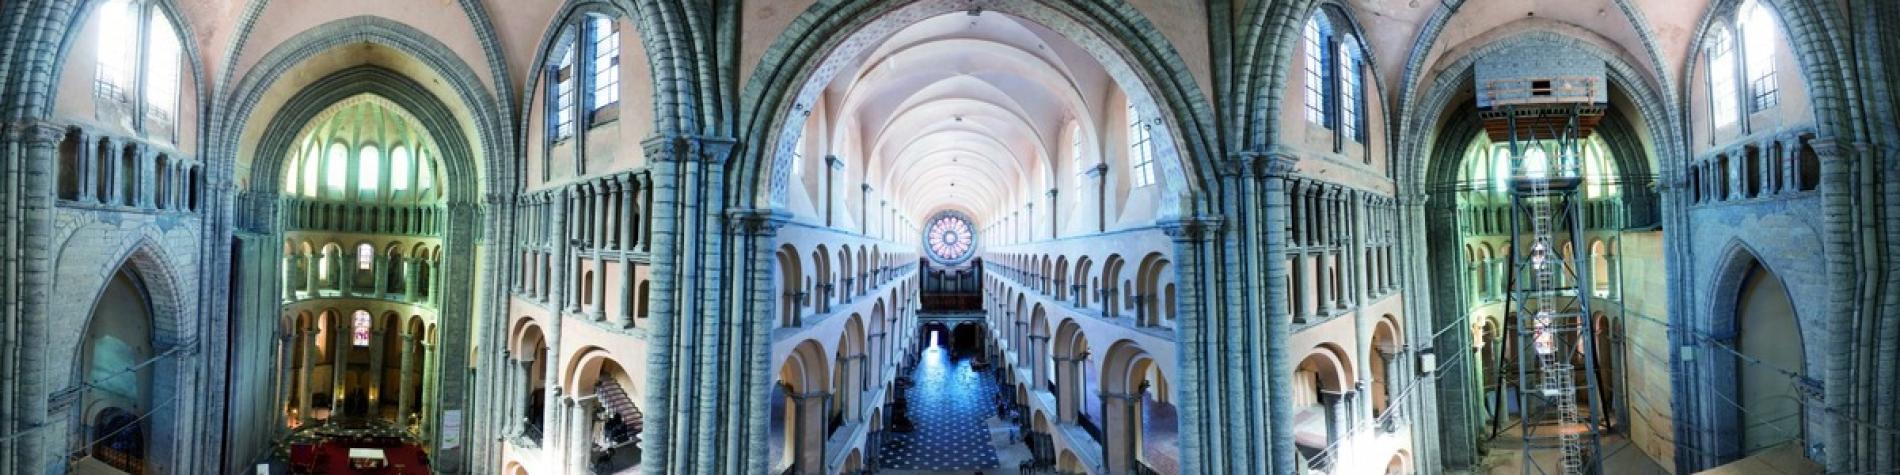 Vue intérieure - Cathédrale-Notre-Dame-Tournai